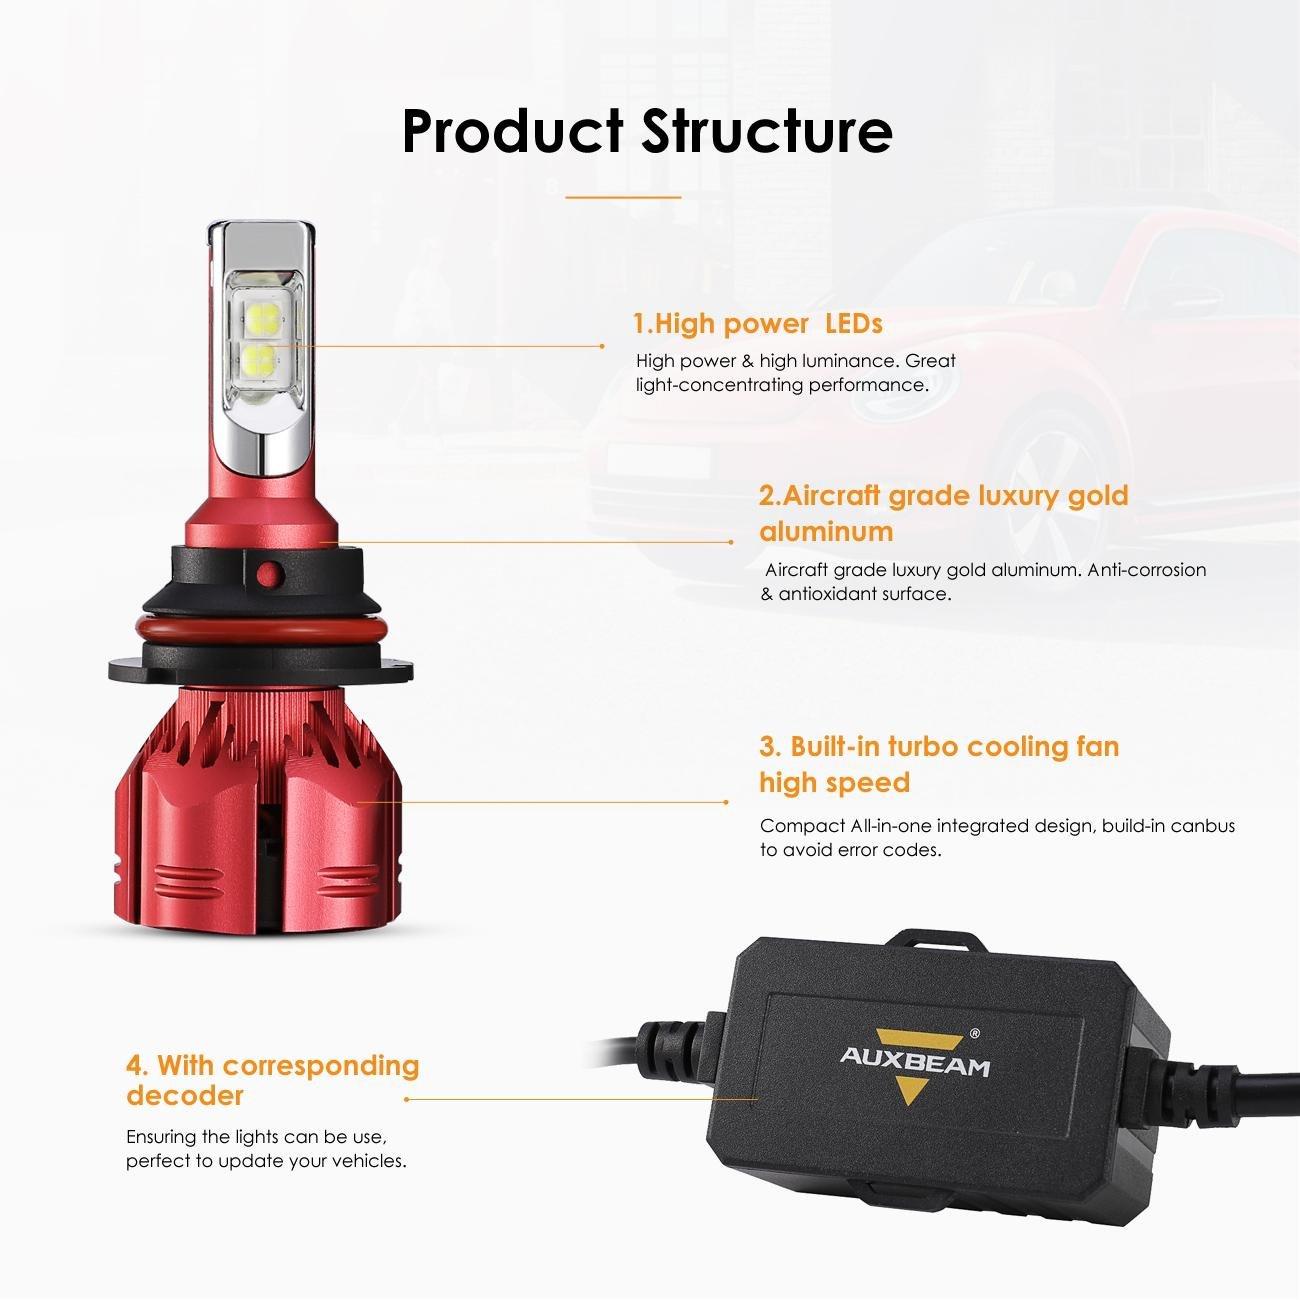 auxbeam 9007 Hi/Lo LED Faro incluida 9007 lámpara 7000 Lumens 70 W 9 - 32 V 6500 K Blanco Super claro Auto Kit Faro para Halógena de Repuesto & HID lámpara ...